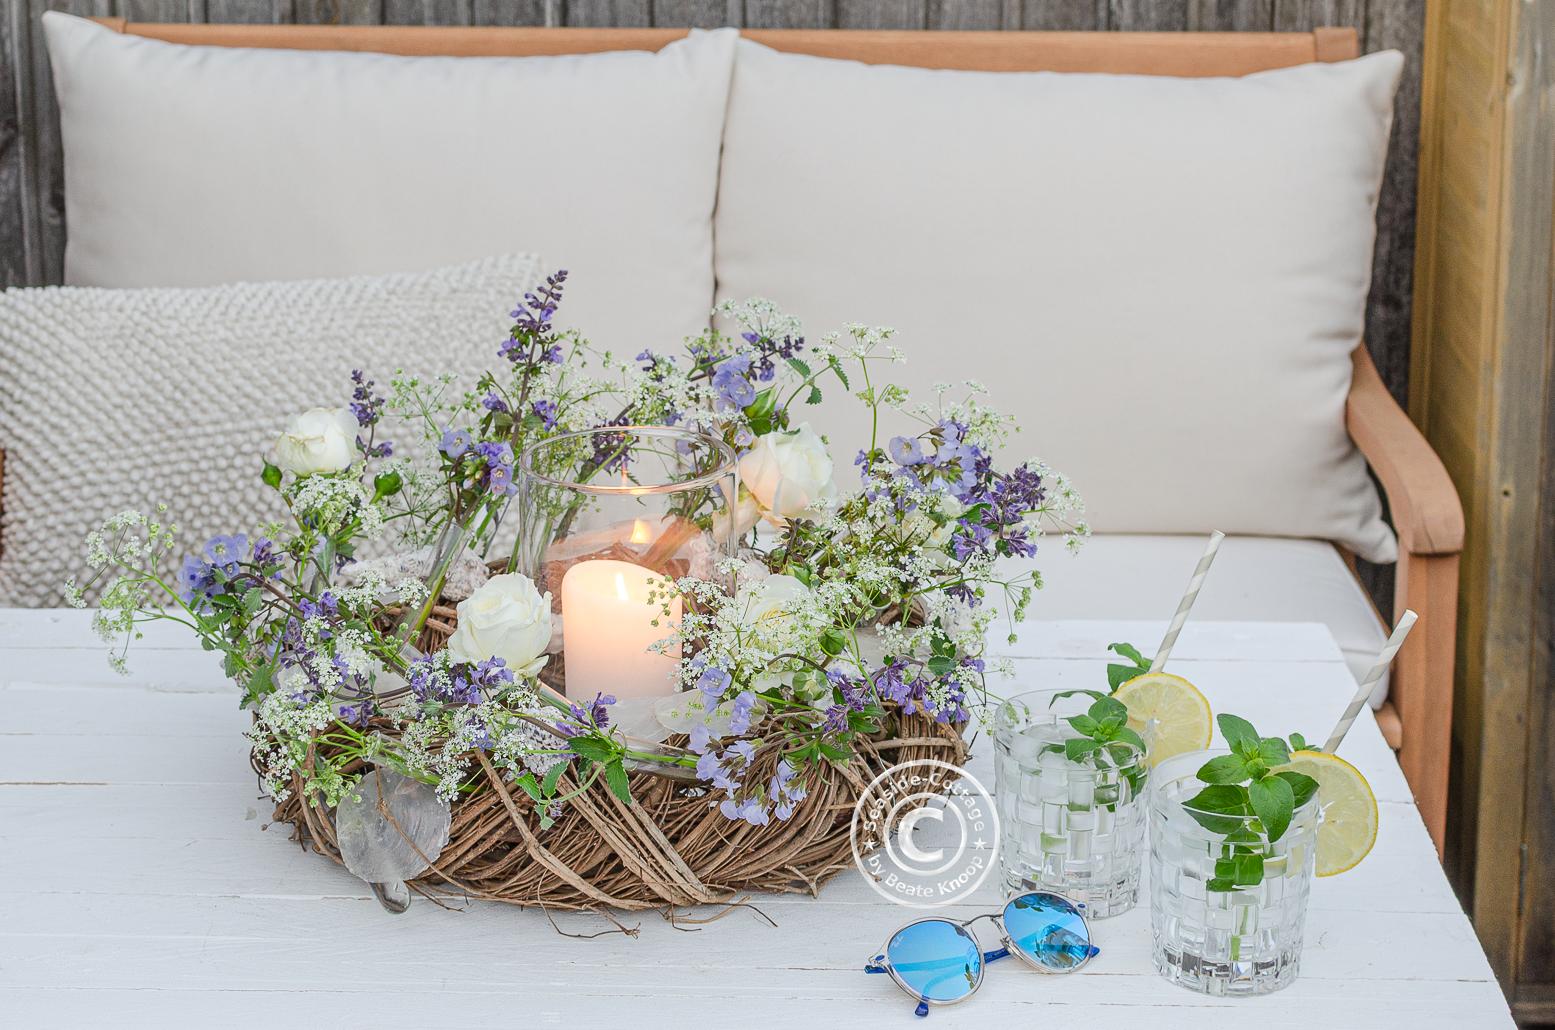 Sommerkranz mit Wiesenblumen und Windlicht als Deko für den Terrassentisch